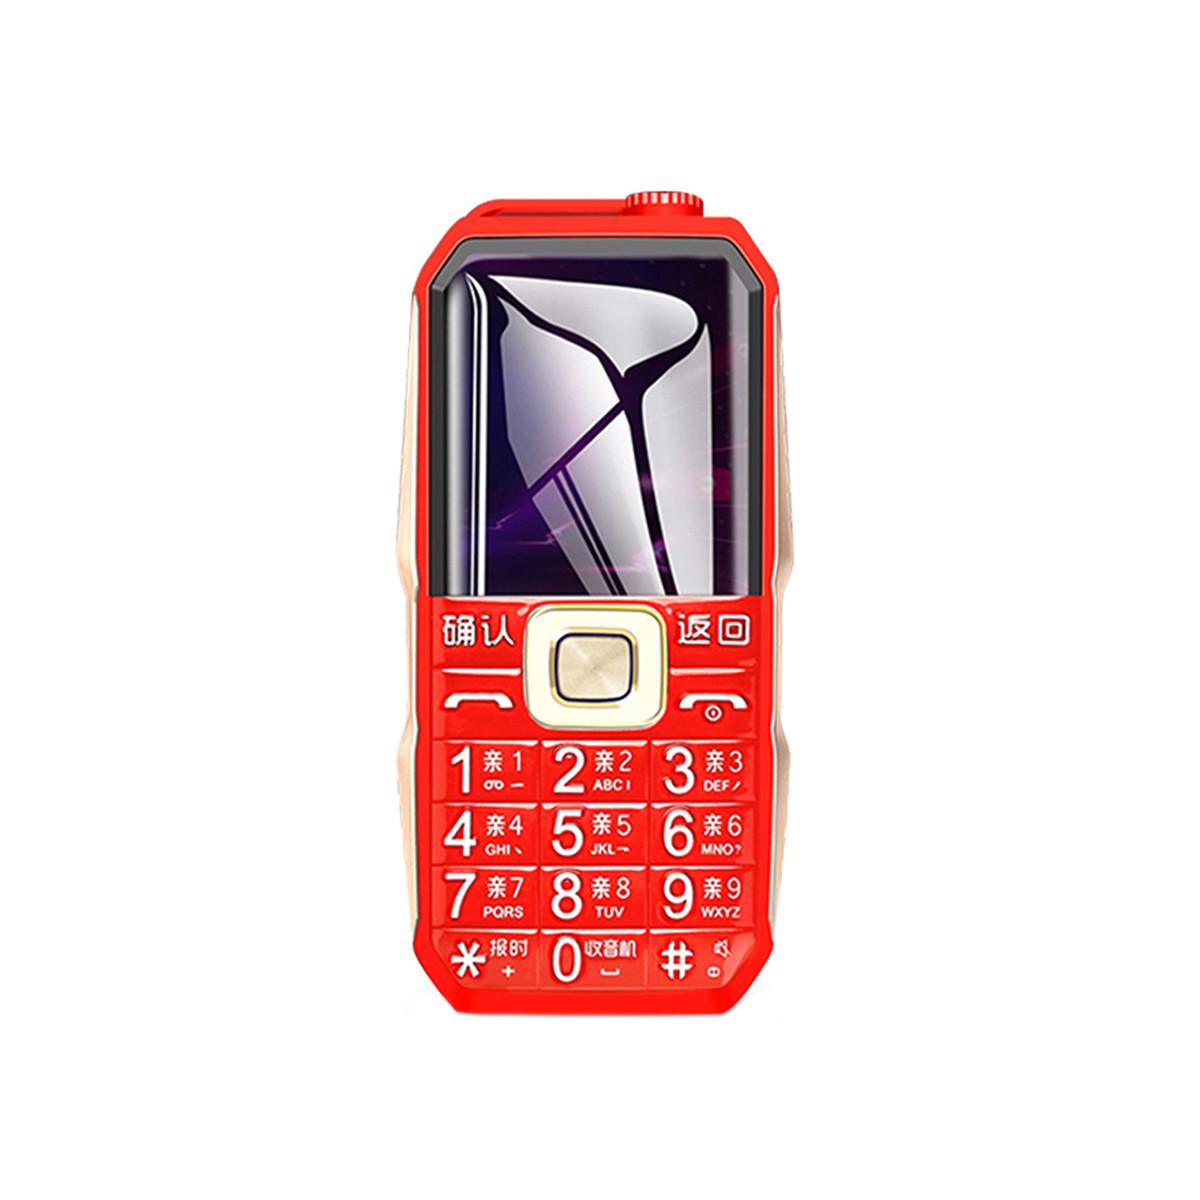 索爱老人手机直板超长待机三防老年机移动联通版手机大屏大字SA-T1-红色